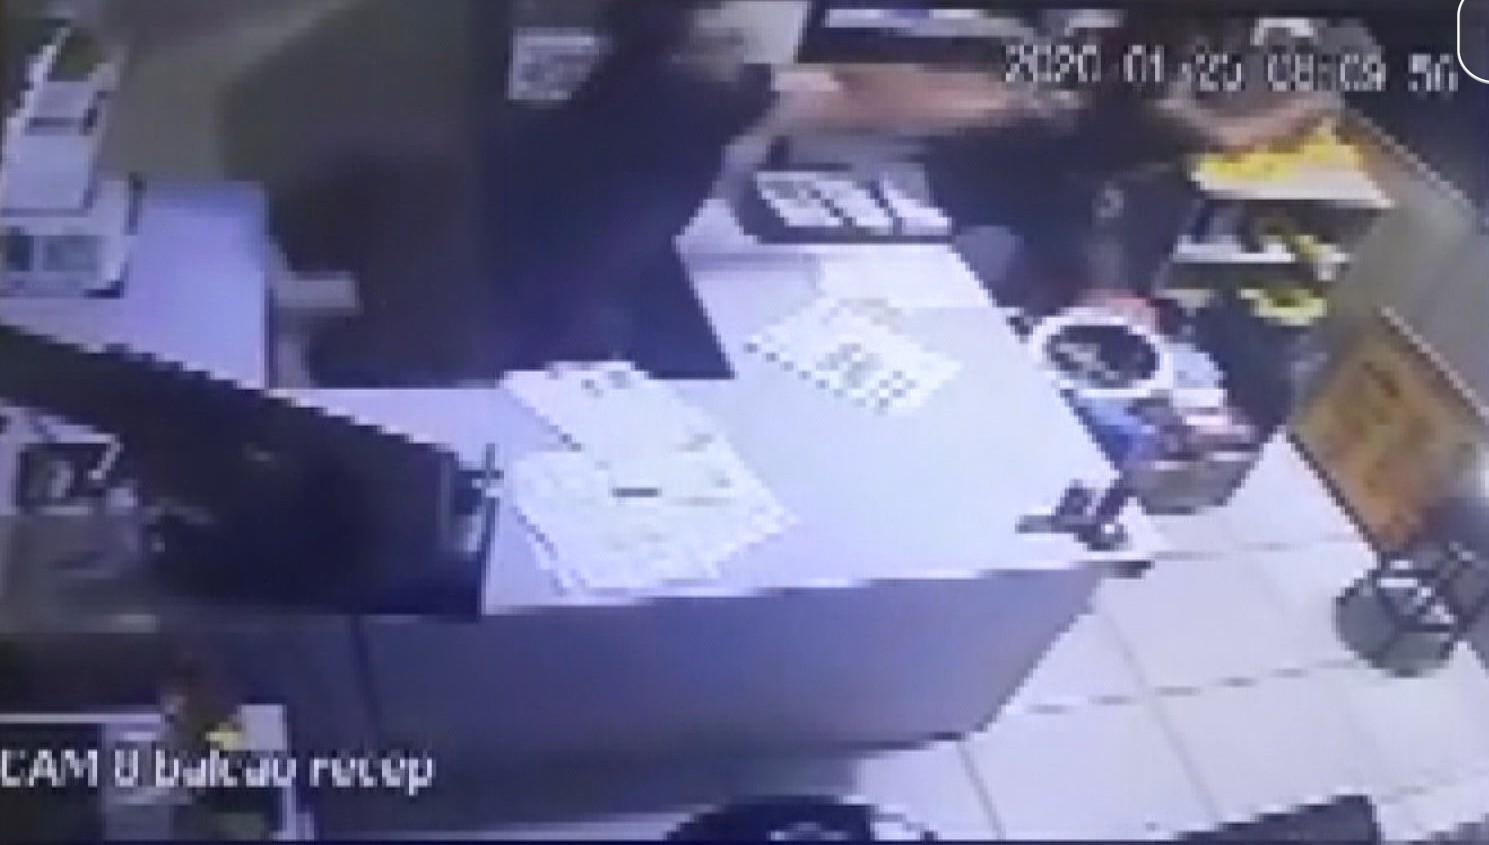 Vereador de Ivaí esfaqueia empresário em supermercado e foge, diz polícia; VÍDEO